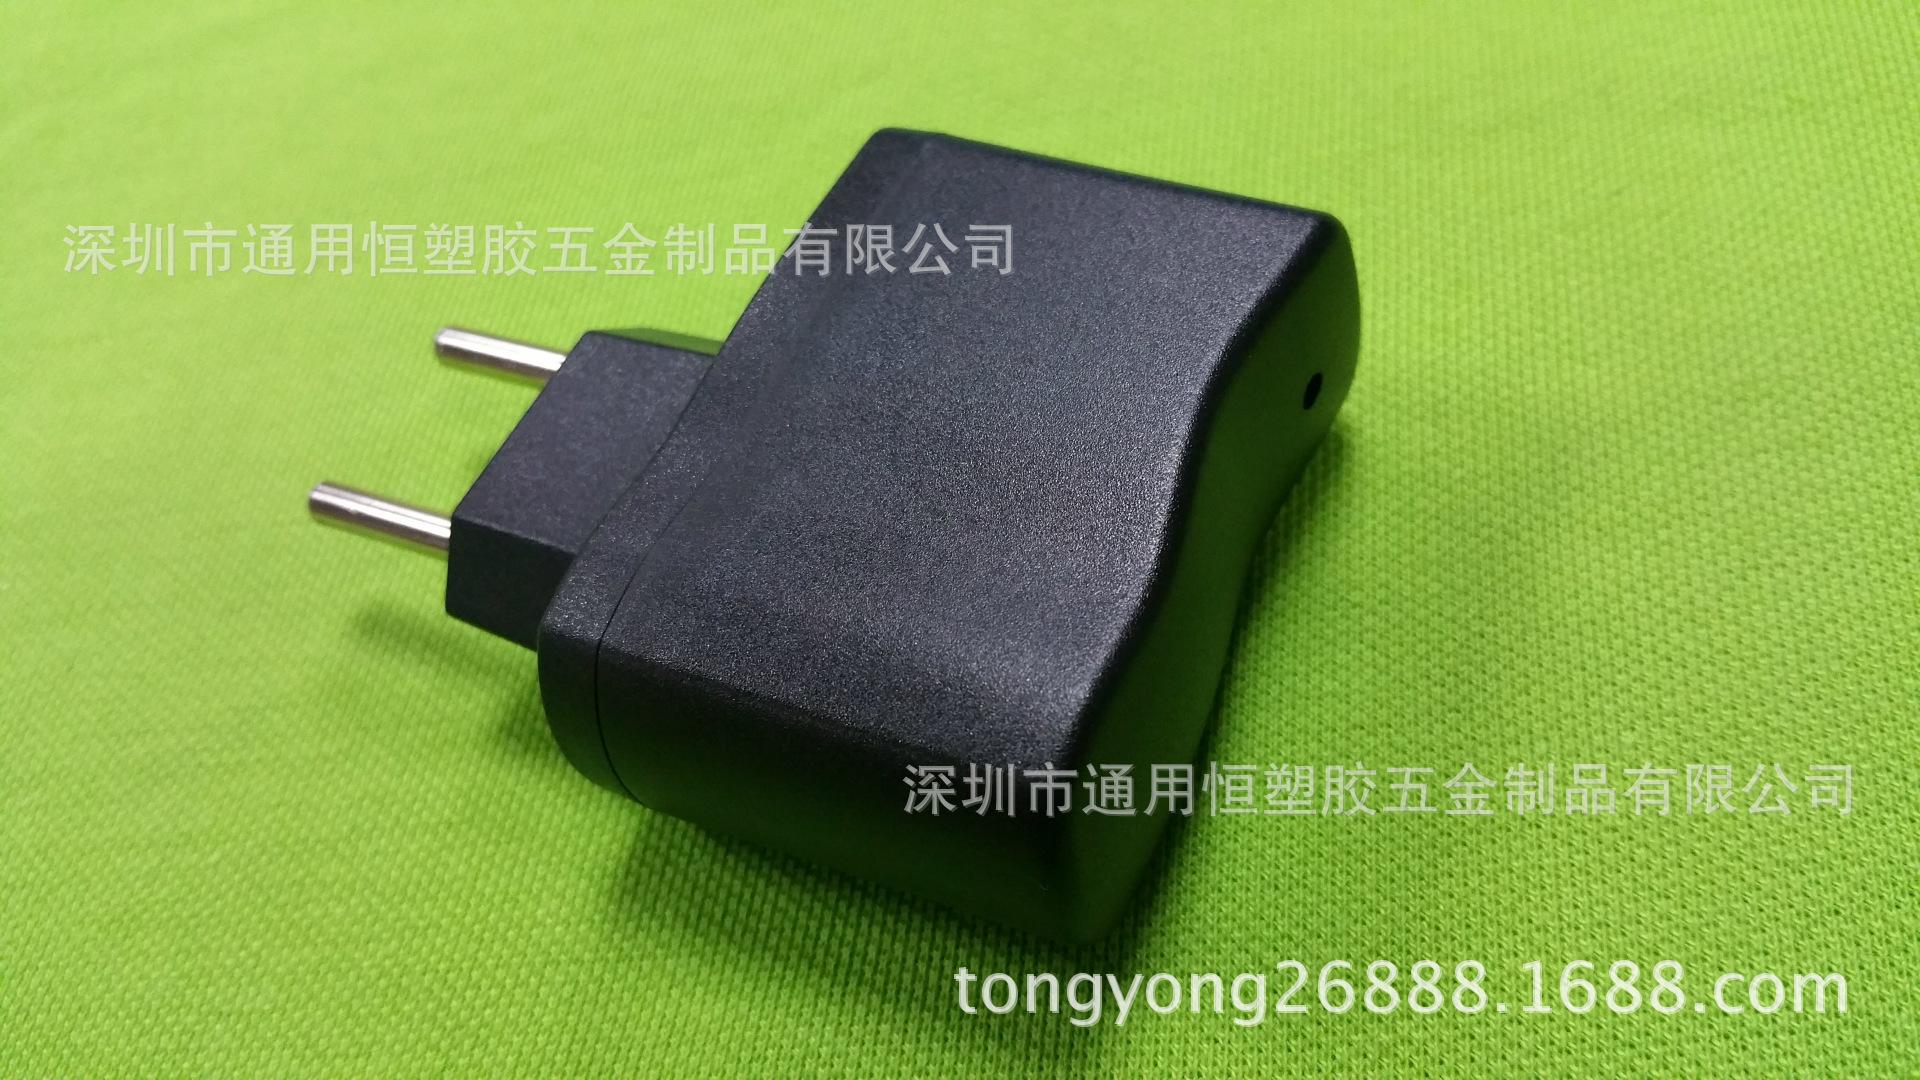 厂家批发通用恒新款充电器外壳/288二脚巴西规充电器外壳/5W-USB